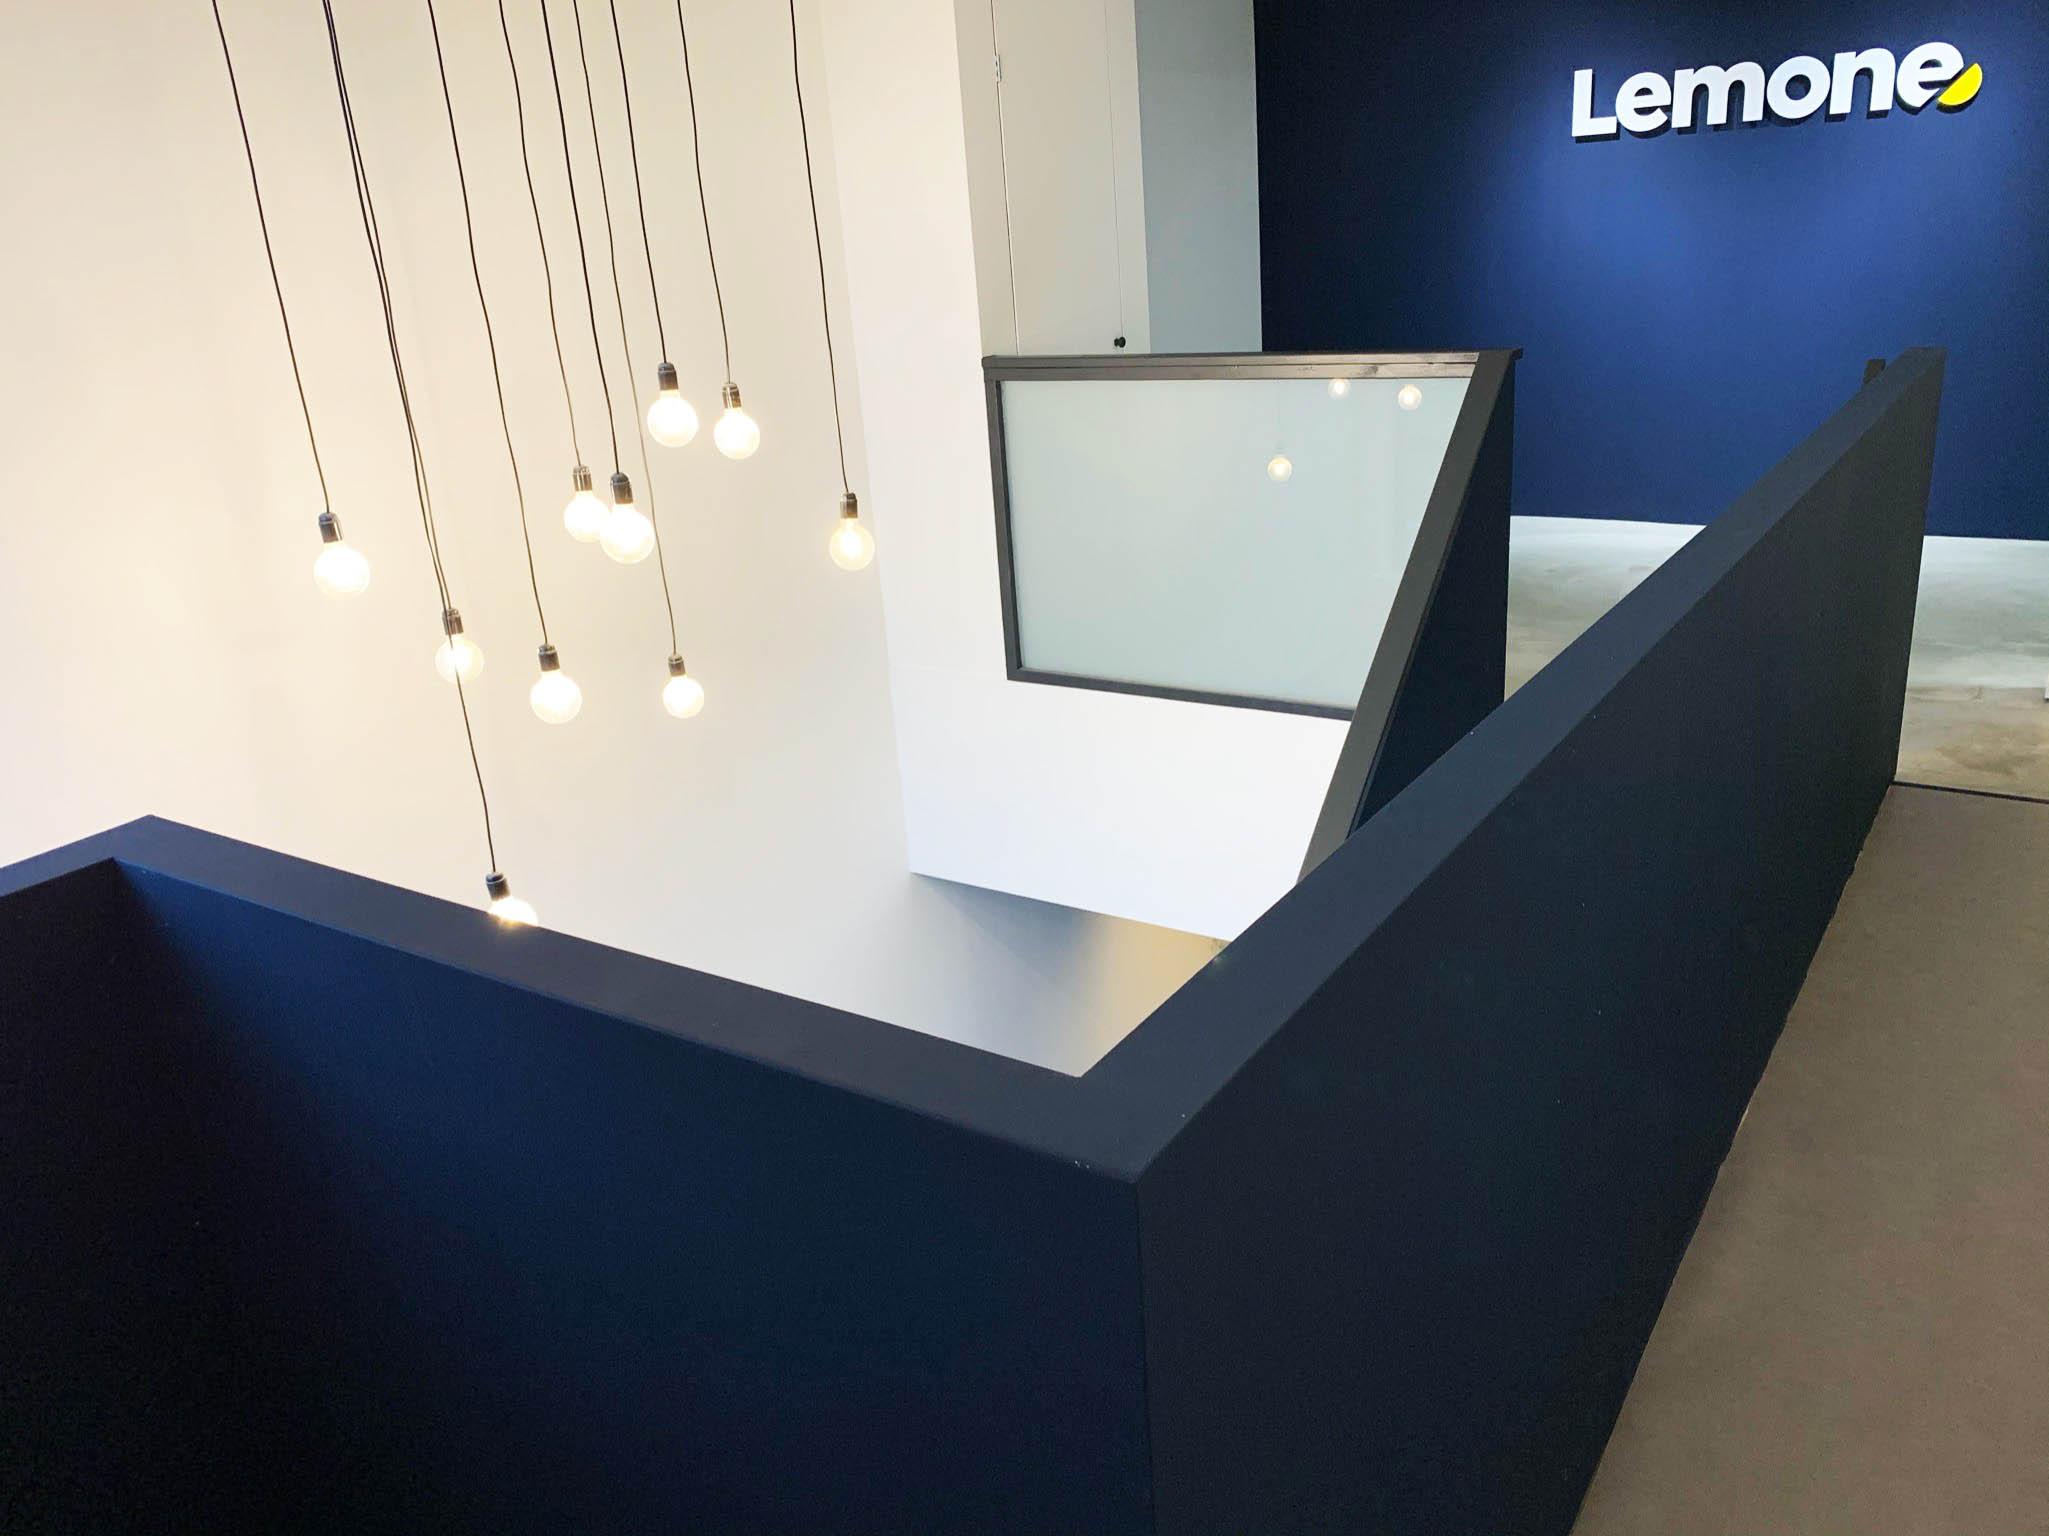 Lemone 1